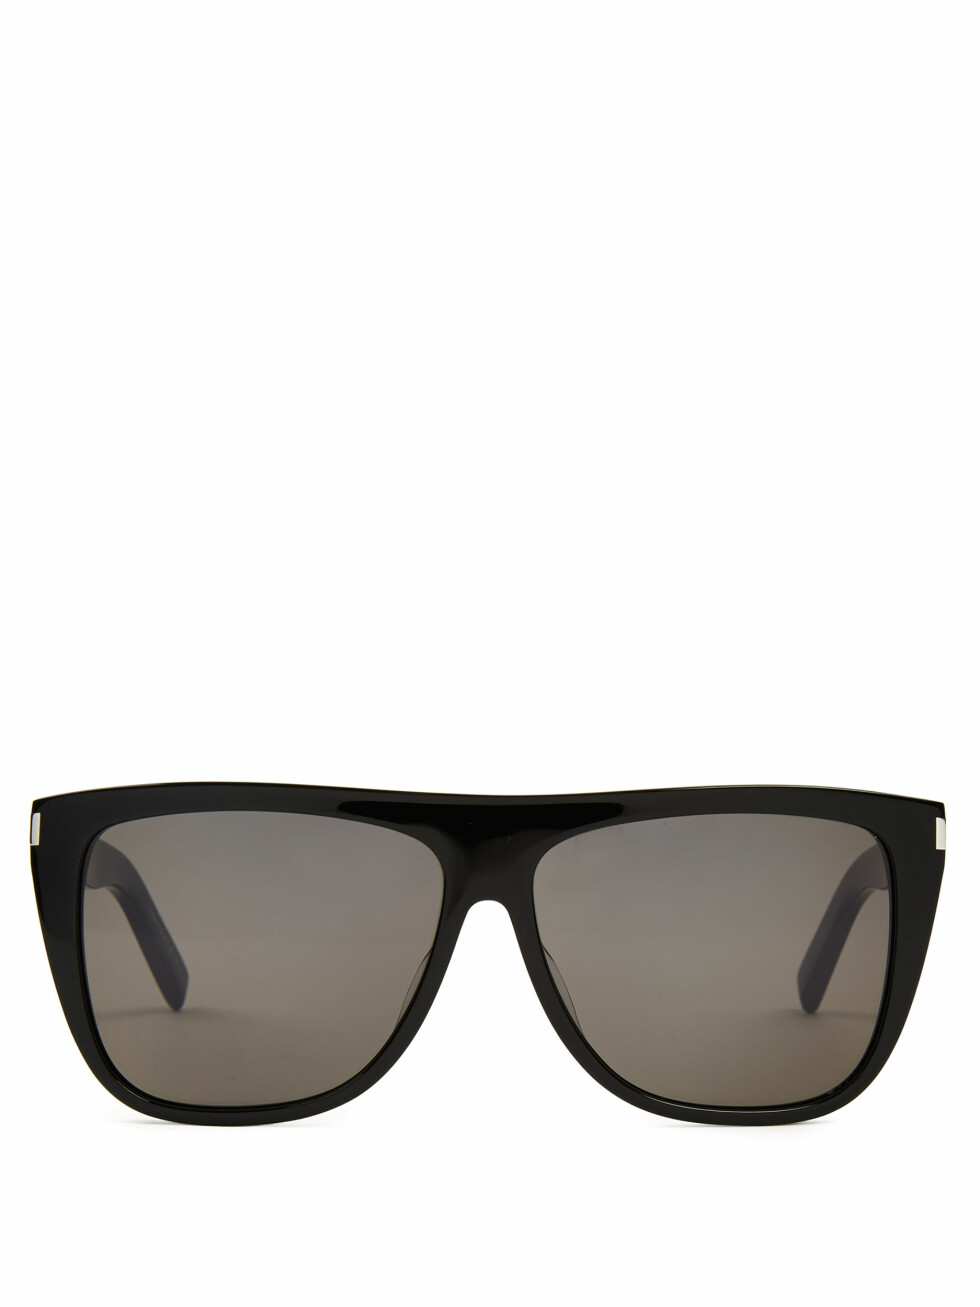 Solbriller fra Saint Laurent via Matchesfashion.com   kr 2030   http://www.matchesfashion.com/intl/products/Saint-Laurent-Flat-top-acetate-sunglasses%09-1039605